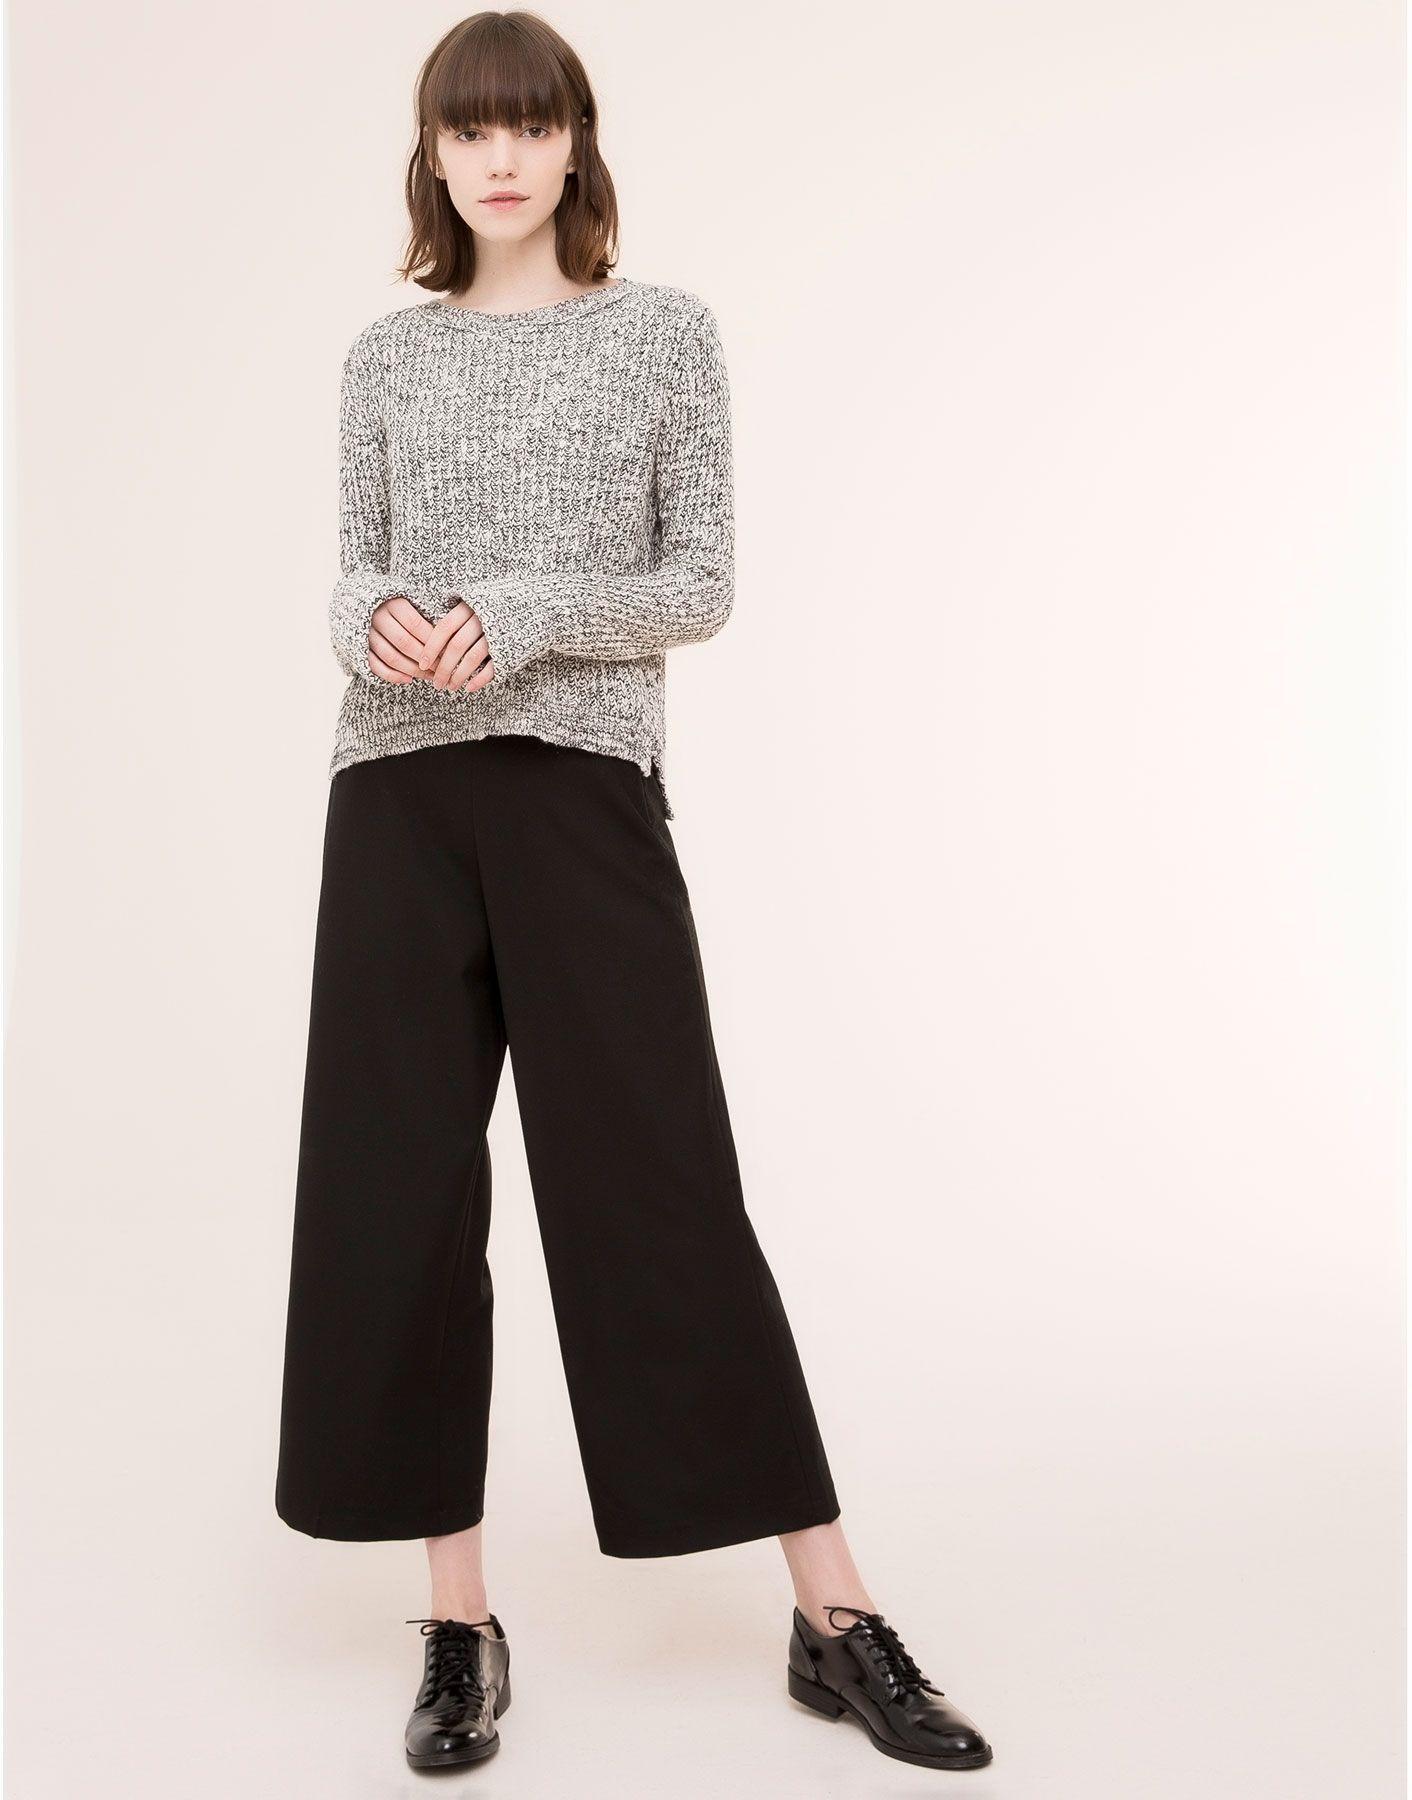 e54b1ca41e Pantaloni palazzo: corti o lunghi, come indossarli | Impulse | swank ...